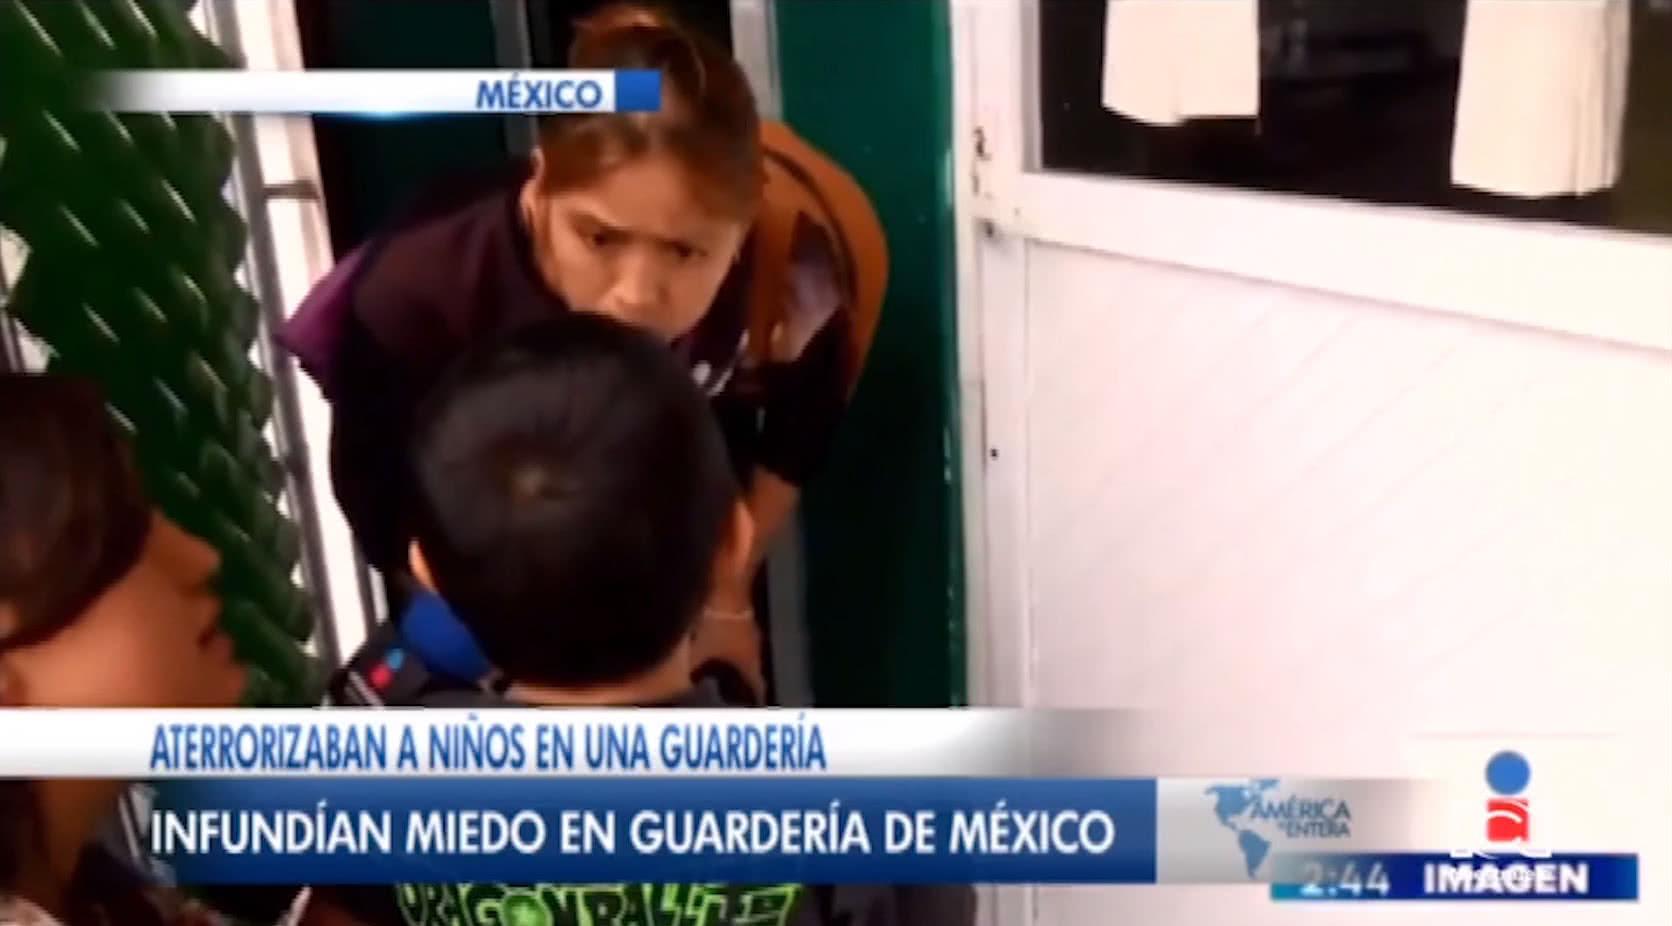 Maestras asustan a los niños en México